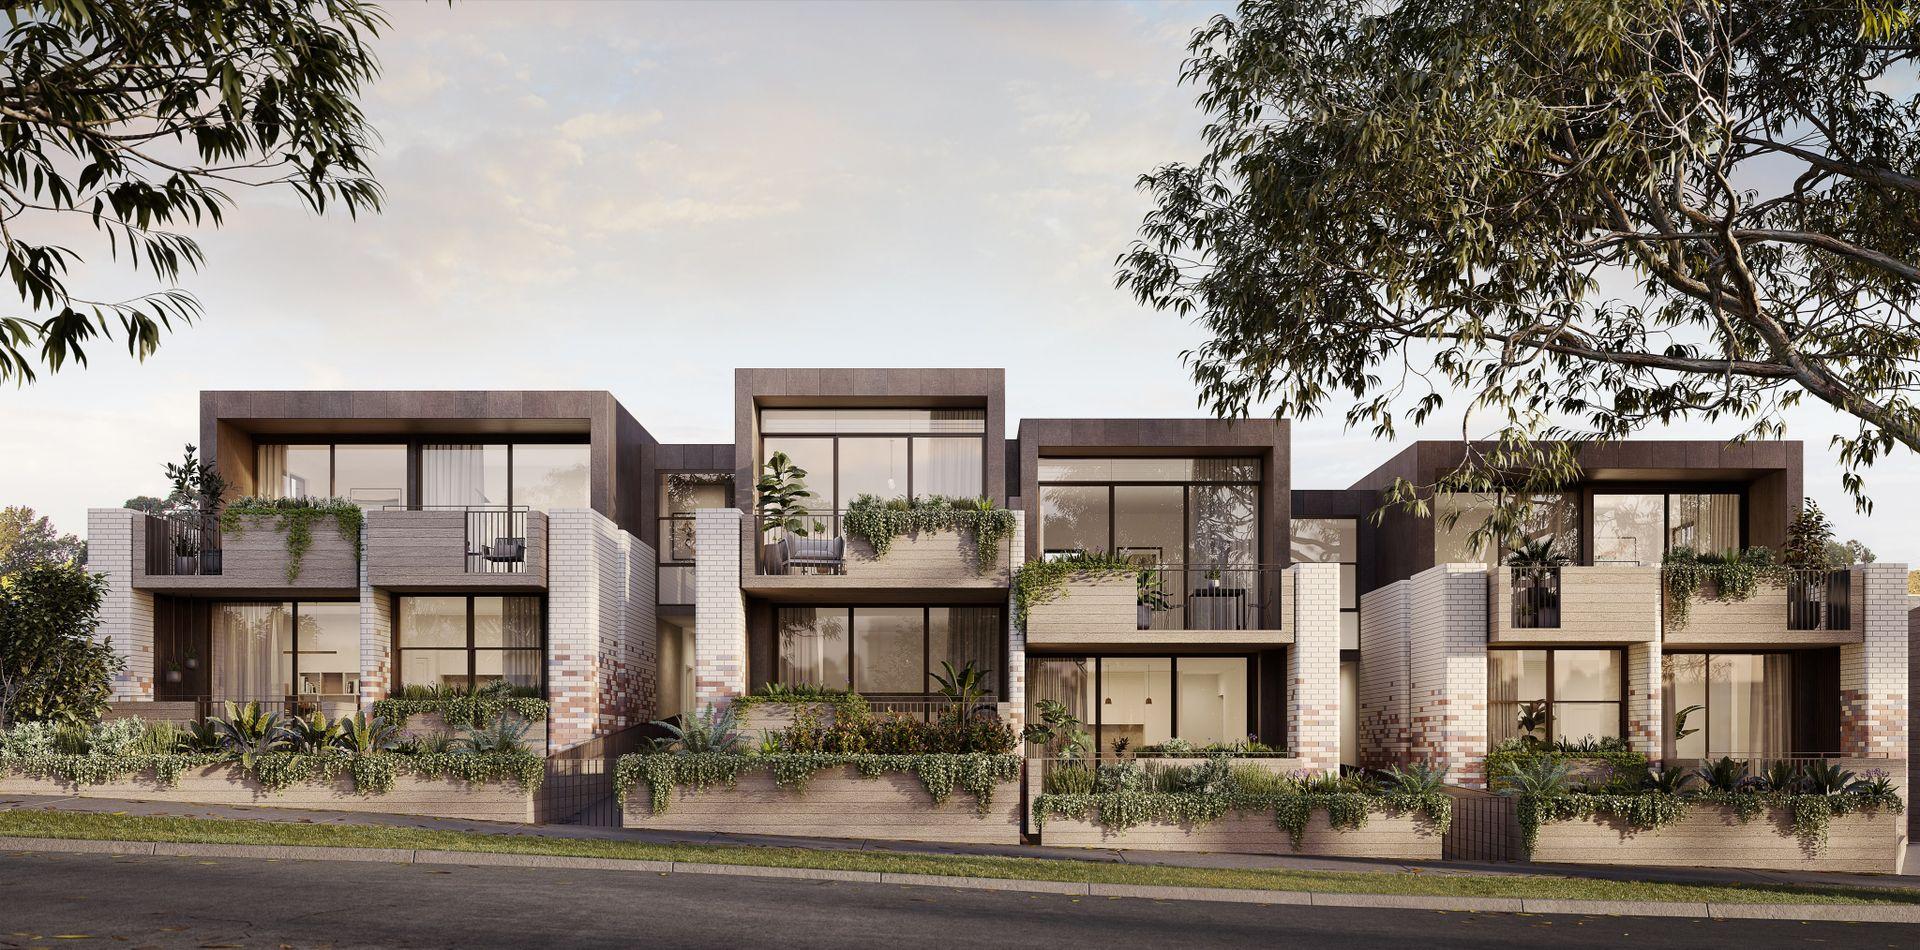 33-37 Carlisle Street, Rose Bay, NSW 2029, Image 0